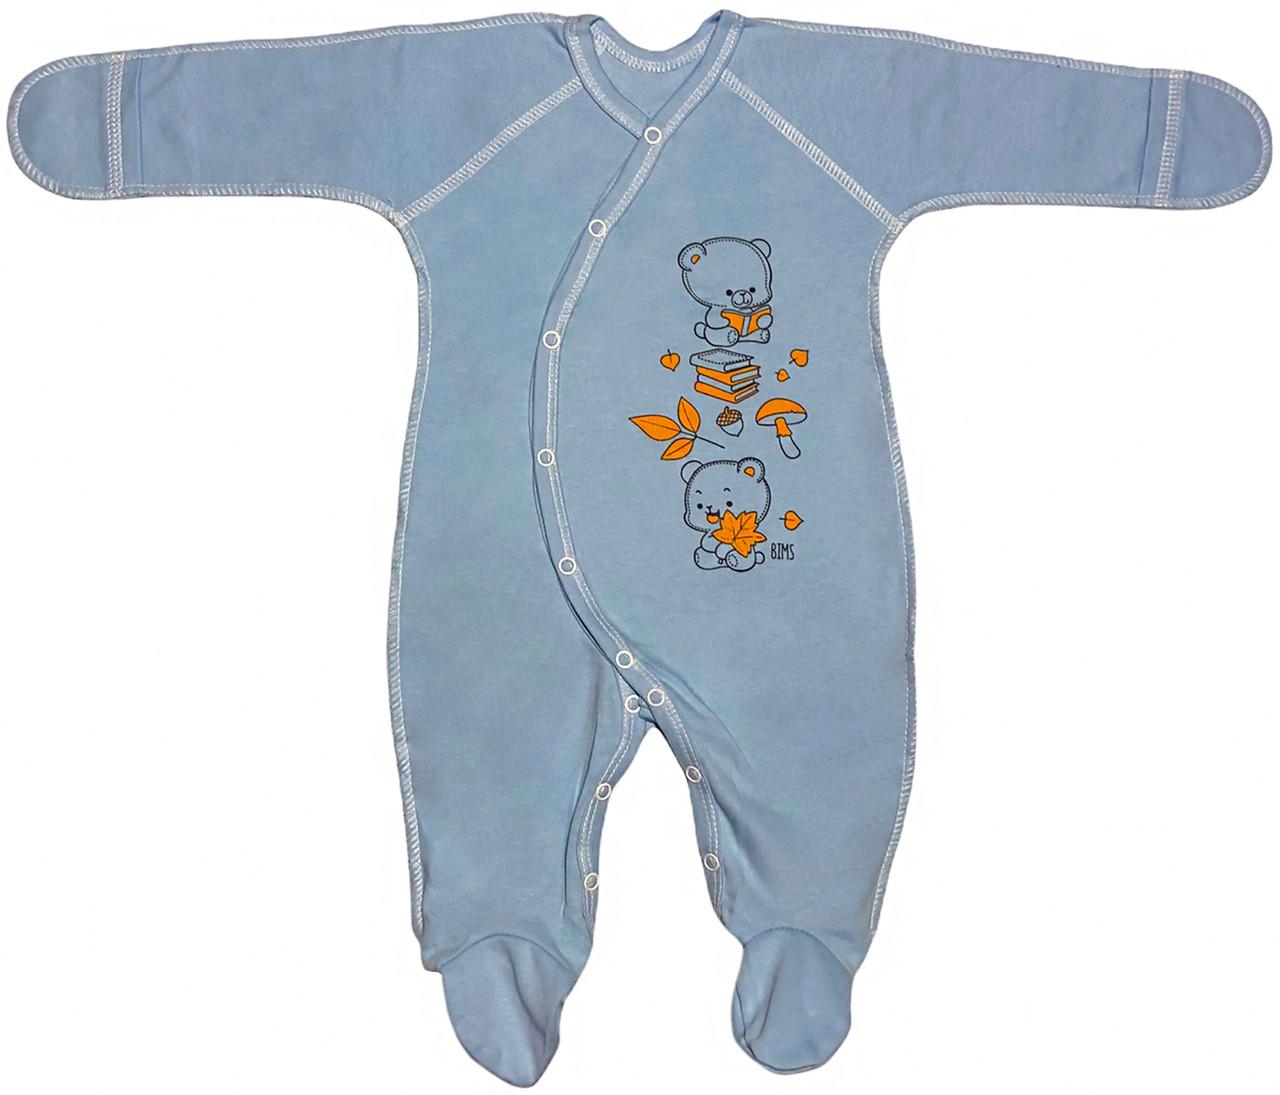 Теплий чоловічок з начосом царапками на хлопчика ріст 62 2-3 міс для малюків сліп дитячий трикотаж блакитний